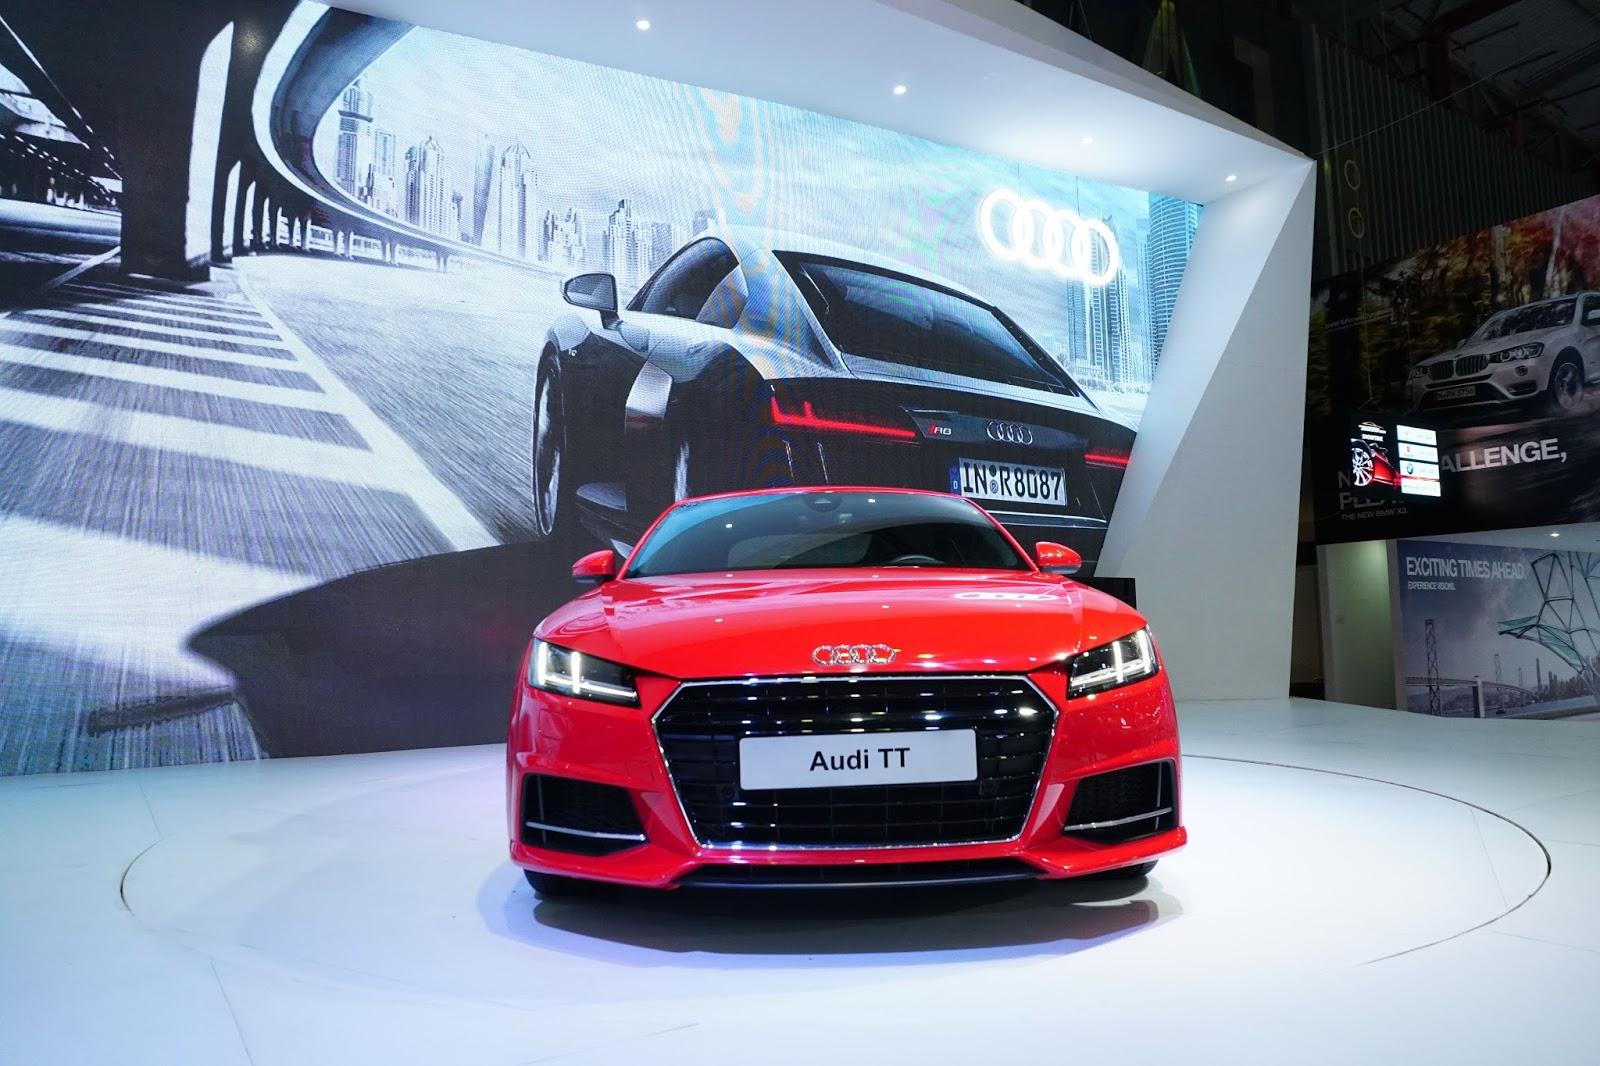 Đầu xe đậm chất và không khác nhiều các mẫu sedan khác của Audi